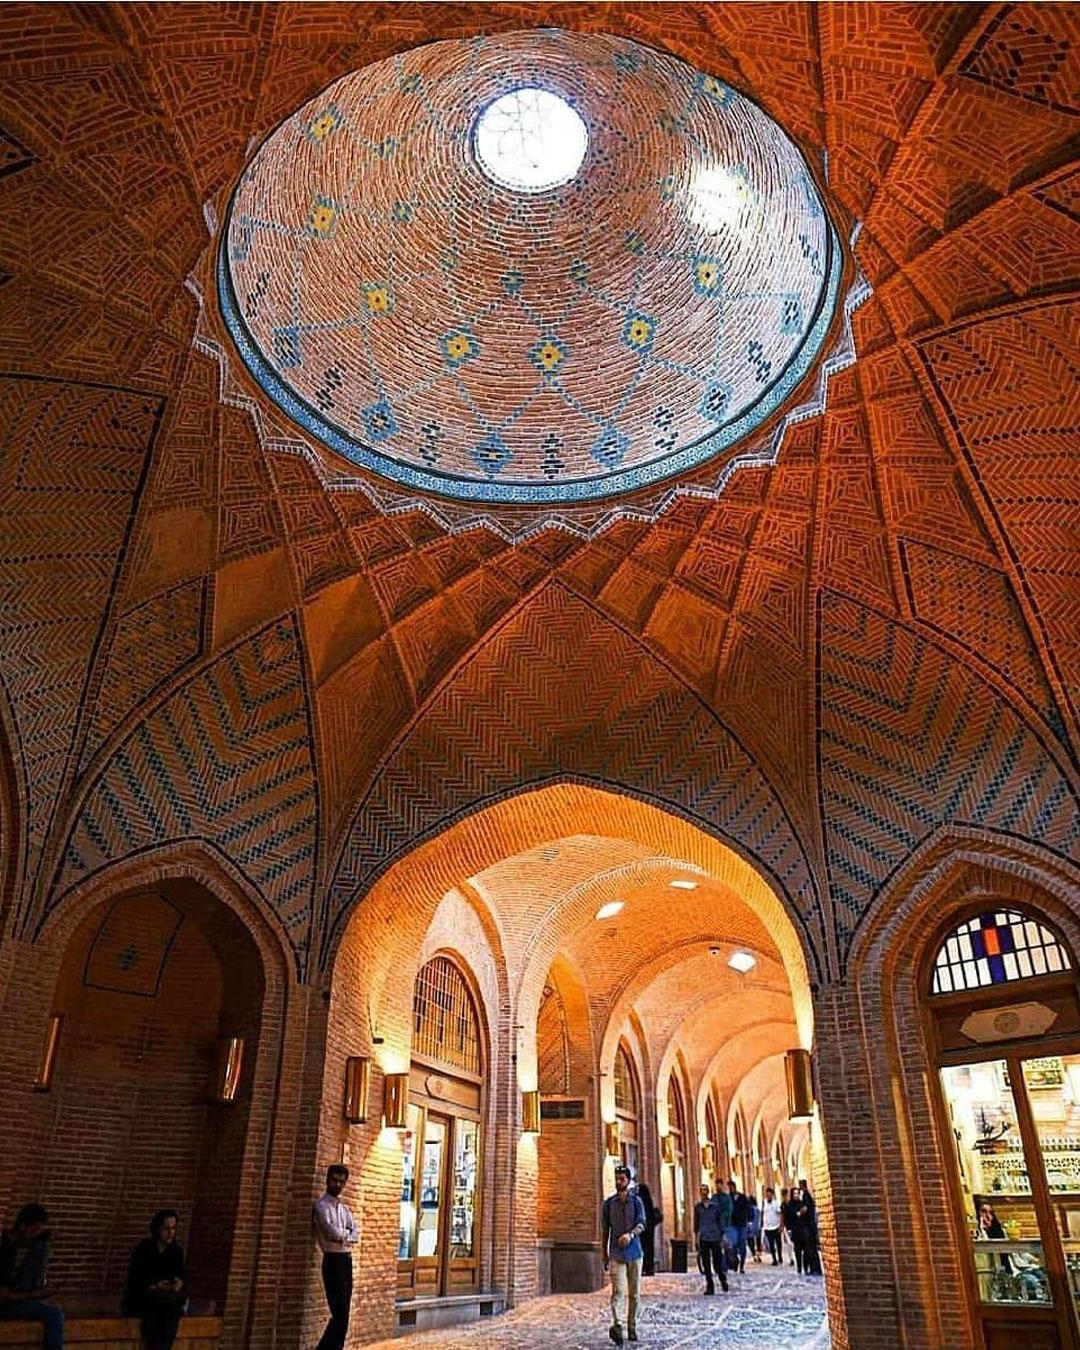 بازار خان، جاذبه گردشگری بازار های تاریخی شهر یزد